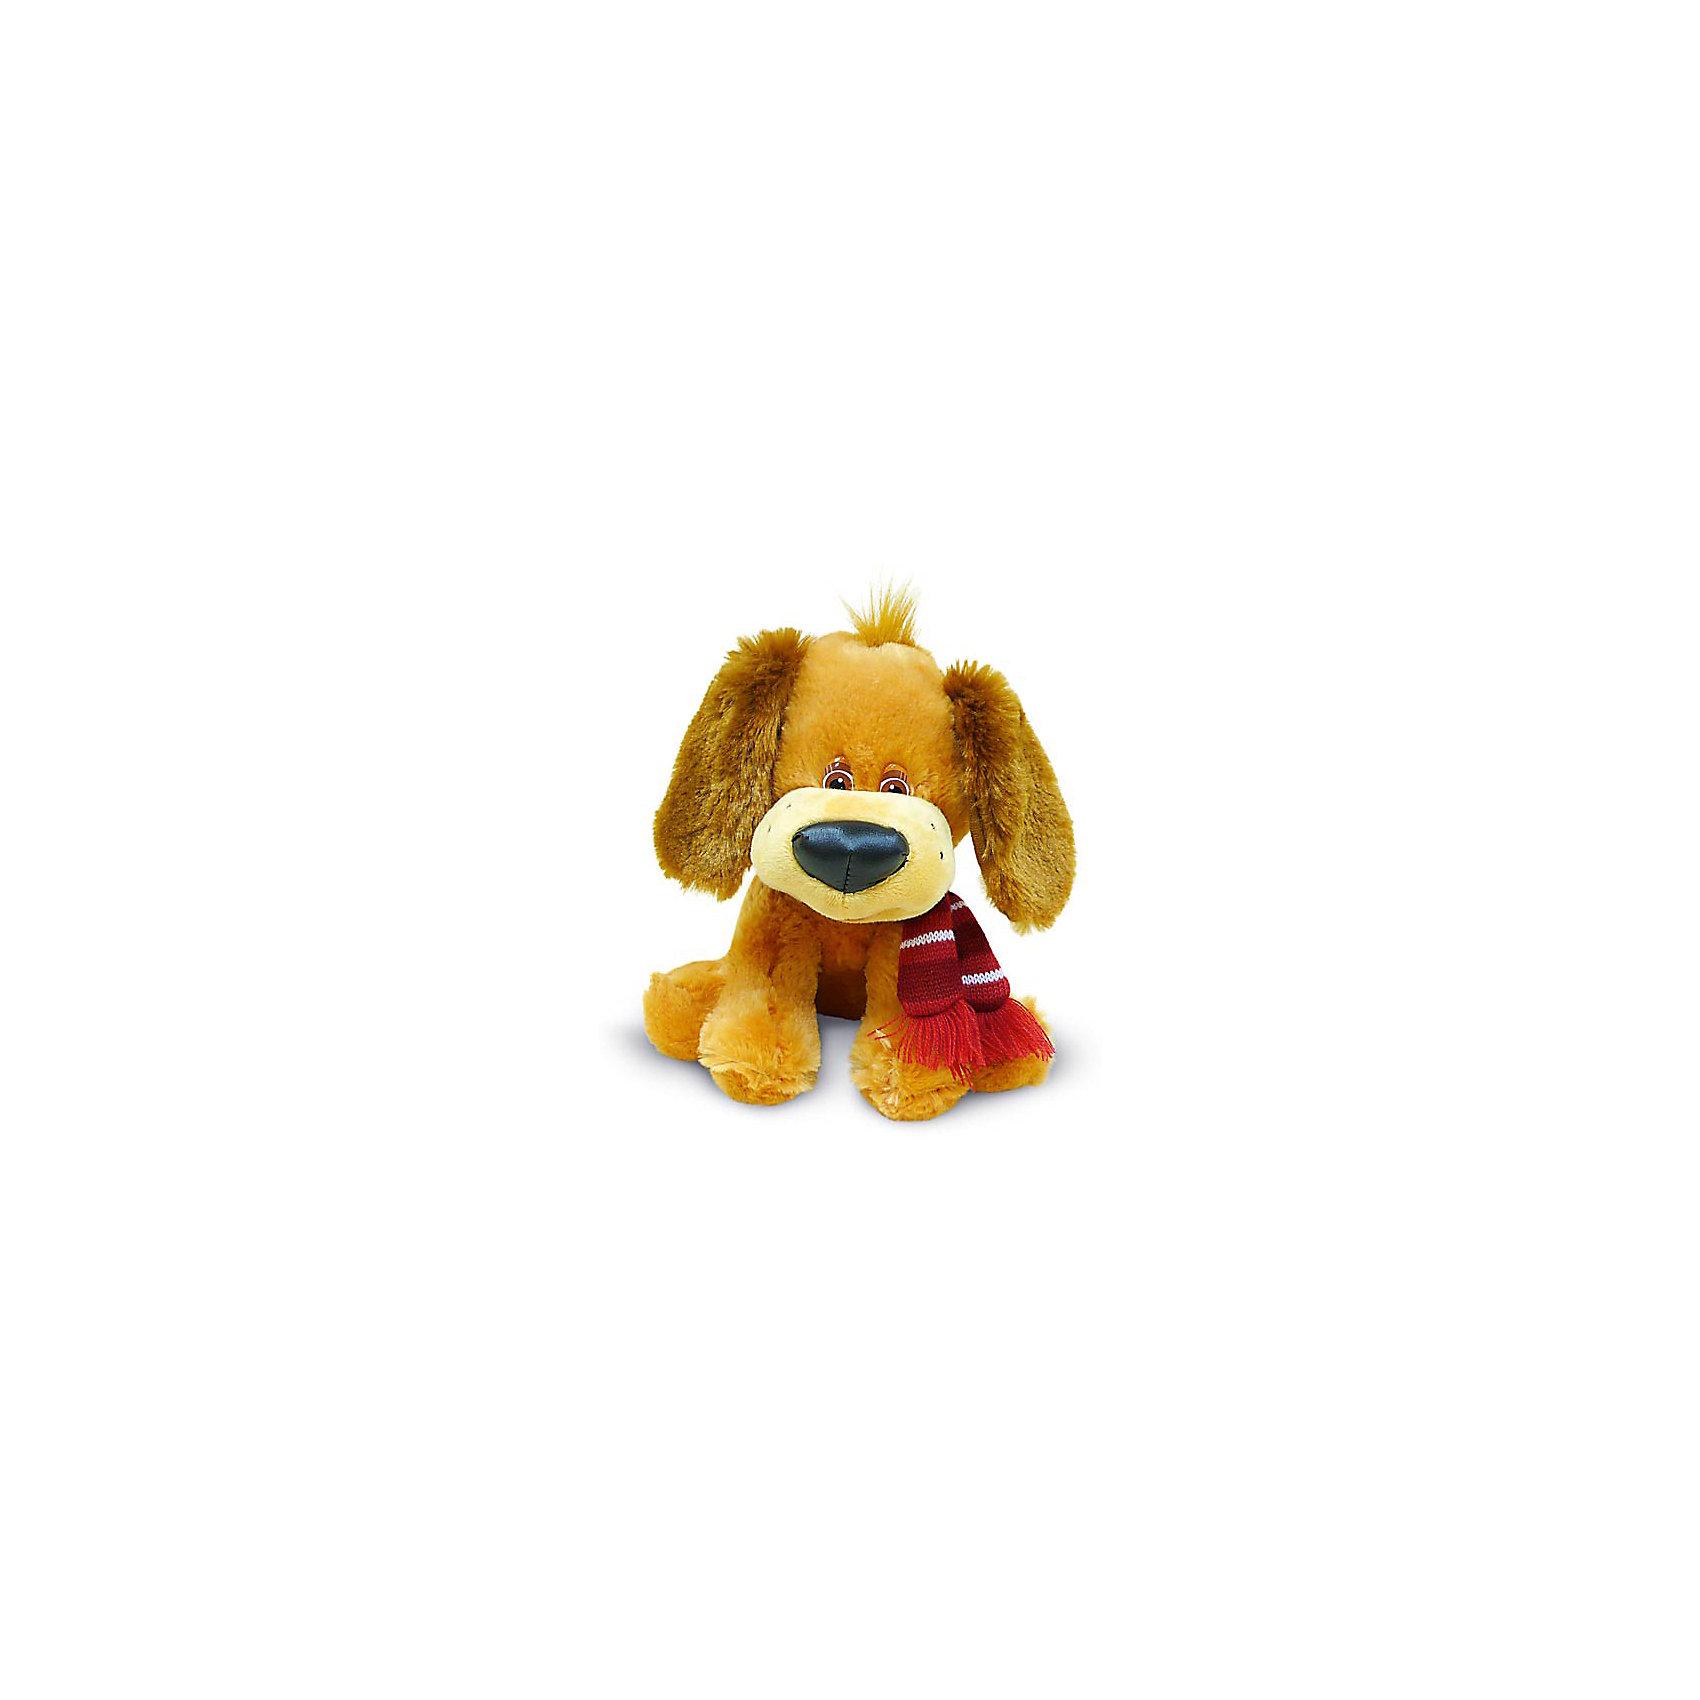 Щенок с шарфом, музыкальный, LAVAКошки и собаки<br>Милый щенок с  большим носом и добрыми глазами не оставит равнодушным ни одного ребенка! Он имеет мягкую шерстку, мохнатые ушки, умеет петь песенку. Выполнен из высококачественных материалов, очень приятен на ощупь. Прекрасный подарок на любой праздник.<br><br>Дополнительная информация:<br><br>- Материал: искусственный мех, текстиль, синтепон, пластик.<br>- Размер: 21 см. <br>- Поет песенку. <br>- Элемент питания: батарейка (в комплекте).<br><br>Щенка с шарфом, музыкального, 21 см., LAVA (ЛАВА), можно купить в нашем магазине.<br><br>Ширина мм: 150<br>Глубина мм: 150<br>Высота мм: 220<br>Вес г: 236<br>Возраст от месяцев: 36<br>Возраст до месяцев: 1188<br>Пол: Унисекс<br>Возраст: Детский<br>SKU: 4444197